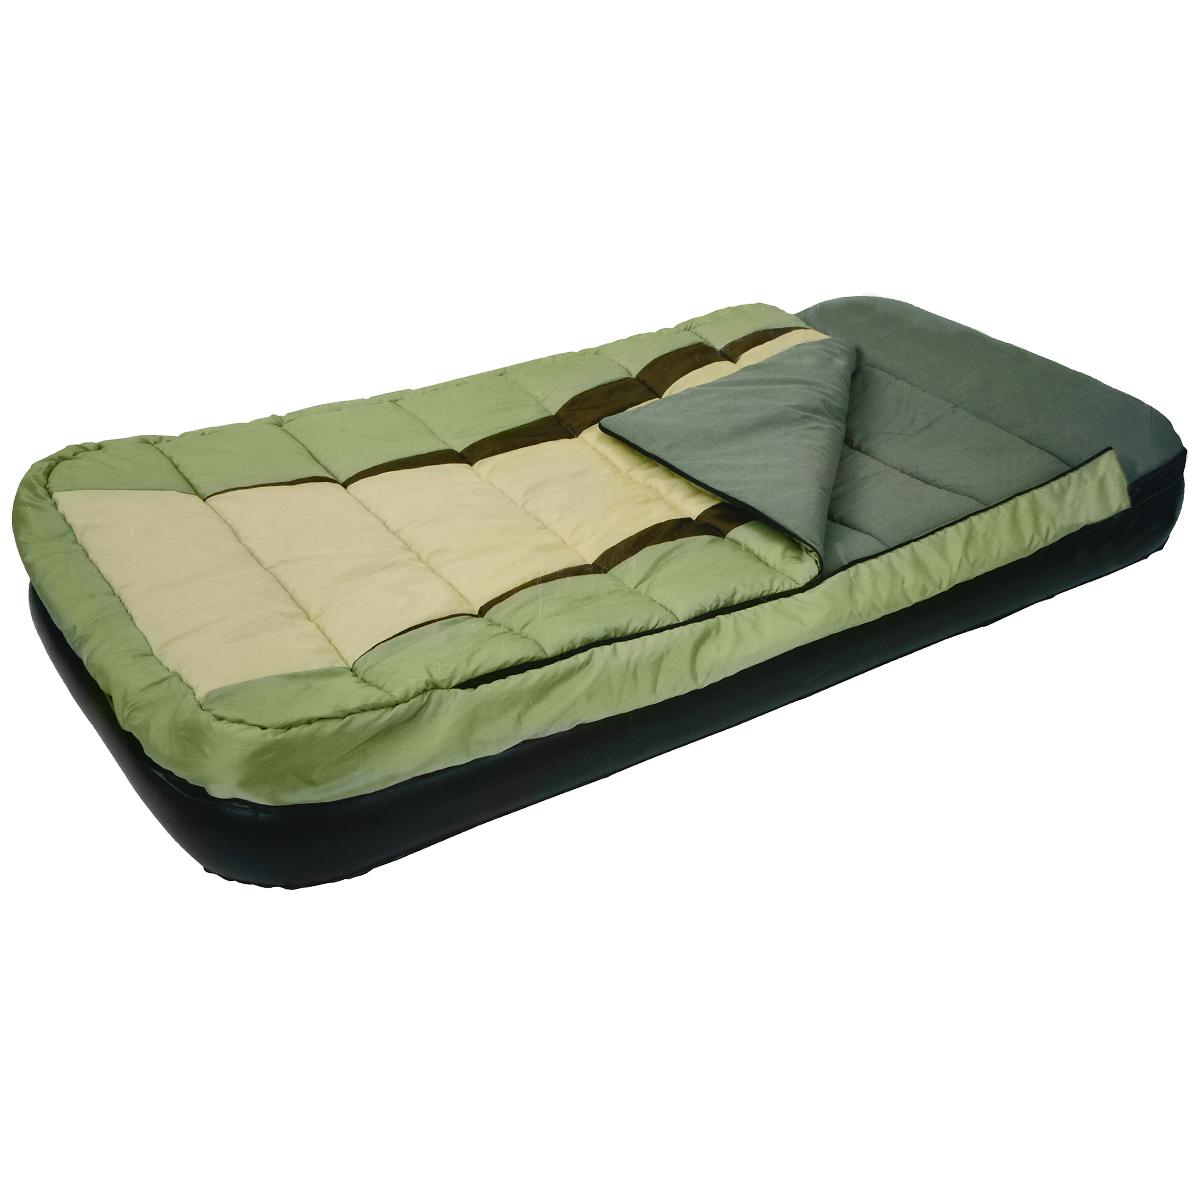 Кровать надувная Relax со спальником, 190 х 99 х 25 см JL027008N